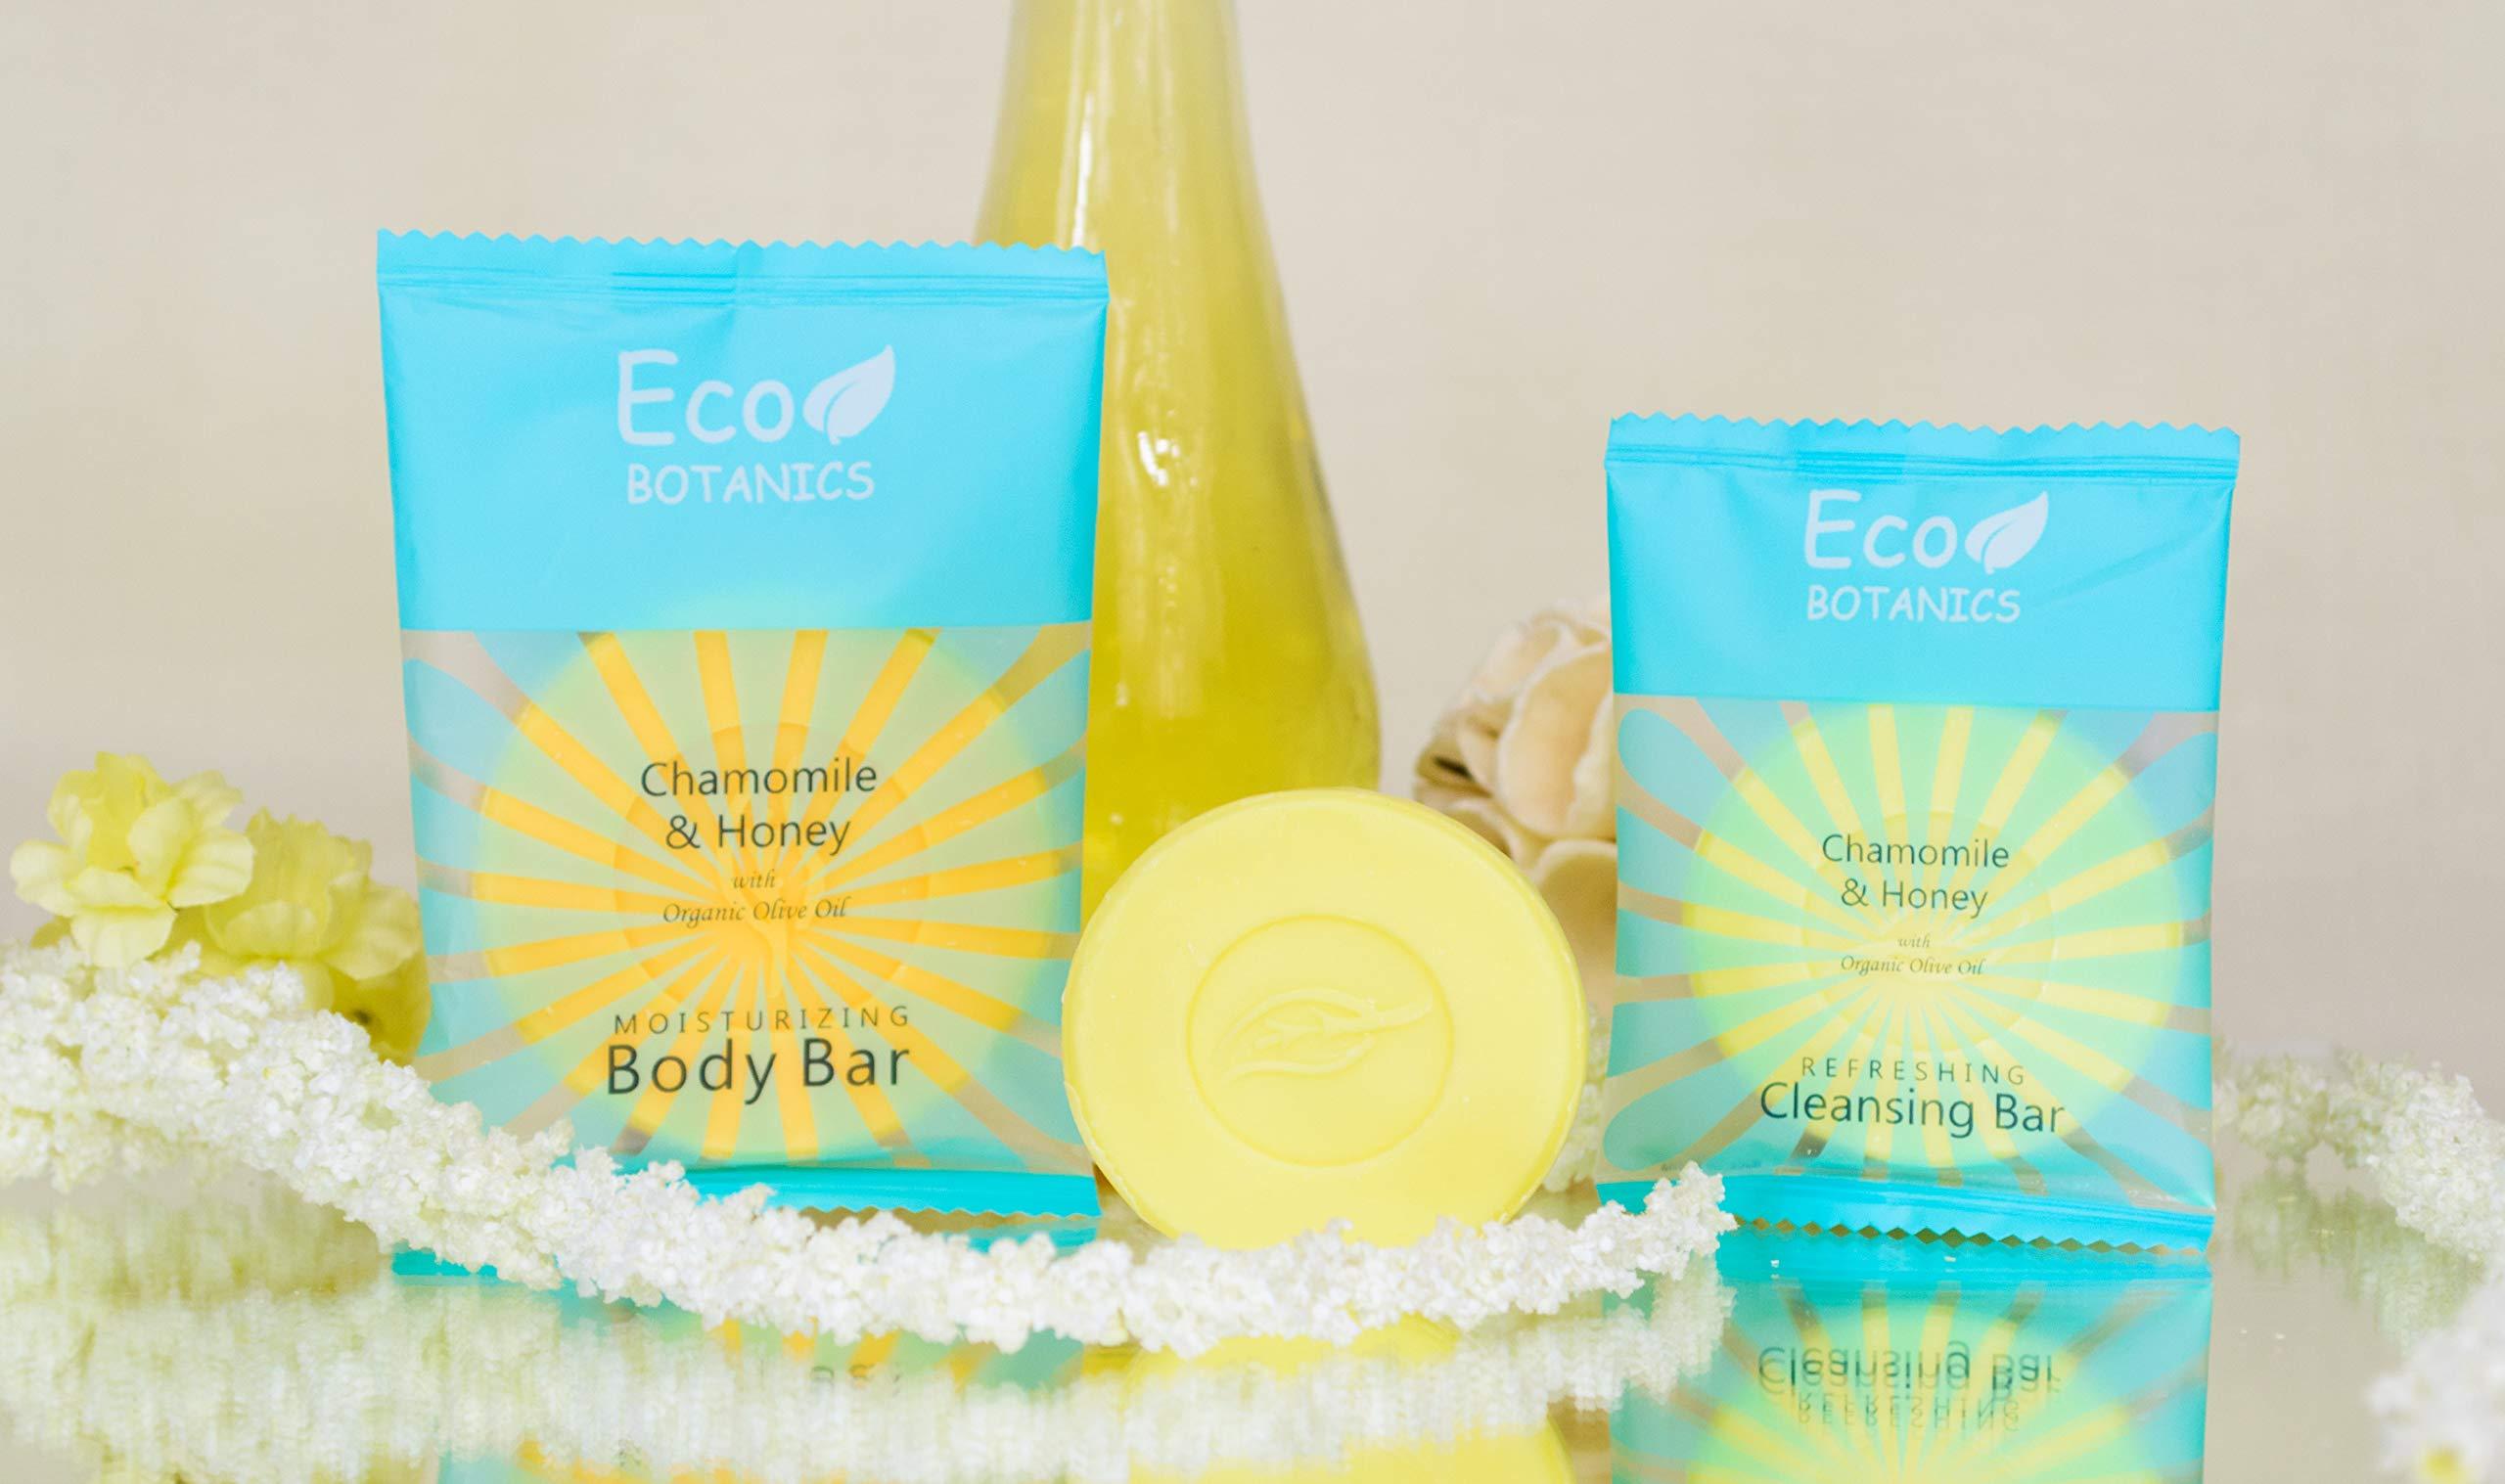 Eco Botanics Travel-Size Hotel Cleansing Bar Soap, .5 oz (Case of 1000) by Eco Botanics (Image #6)